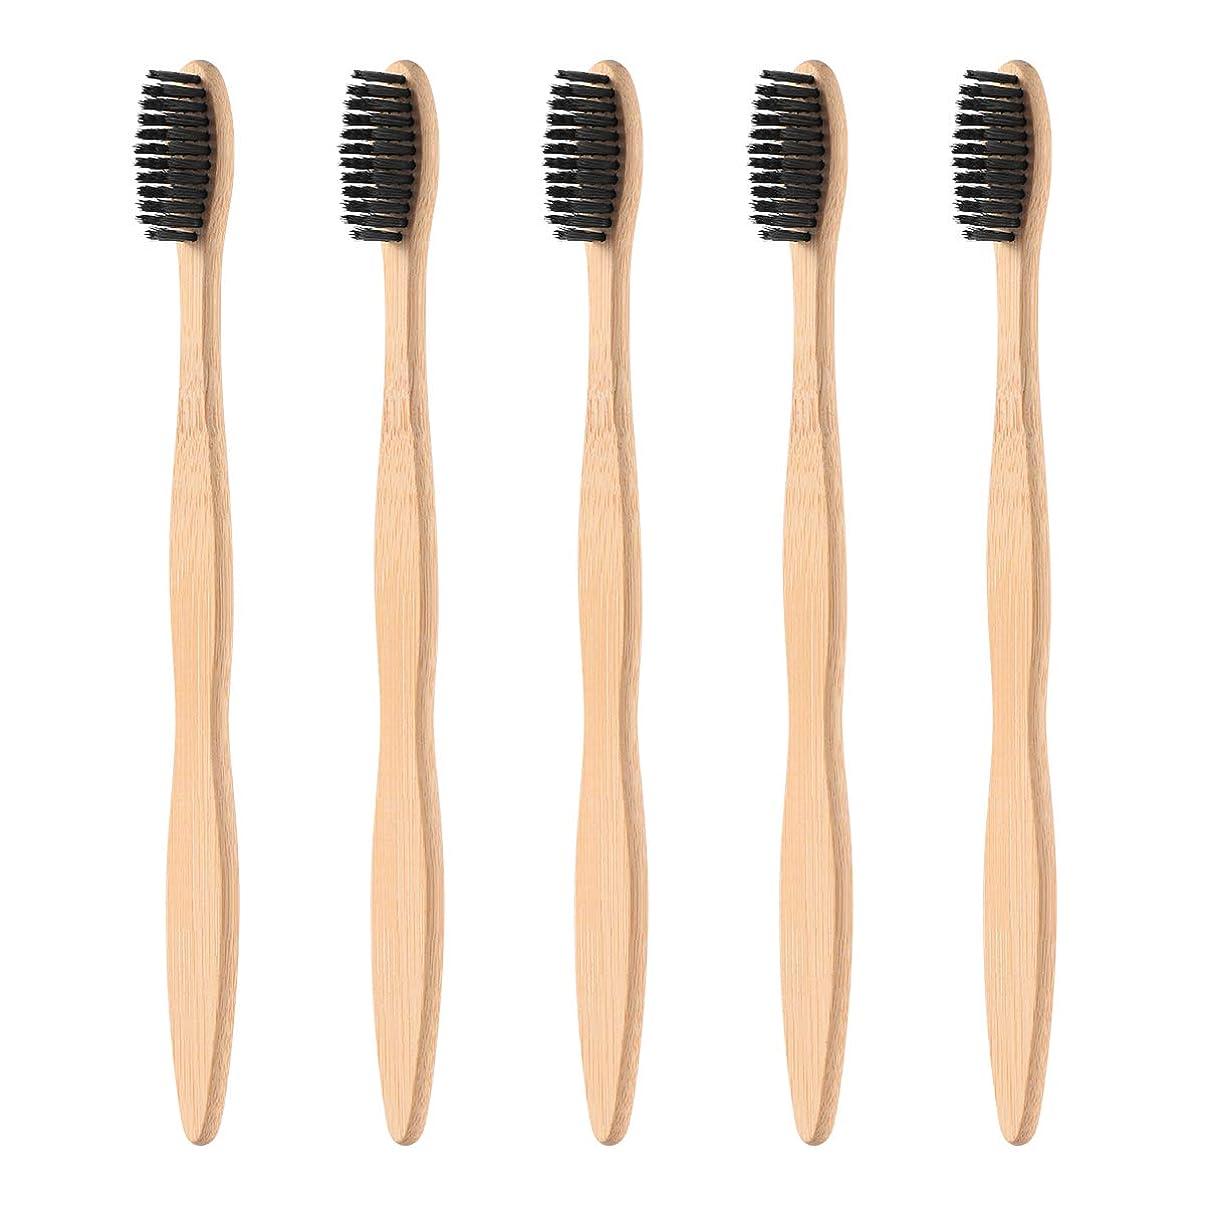 ほこりアライアンスアライアンスHealifty タケ環境的に歯ブラシ5pcsは柔らかい黒い剛毛が付いている自然な木のEcoの友好的な歯ブラシを扱います